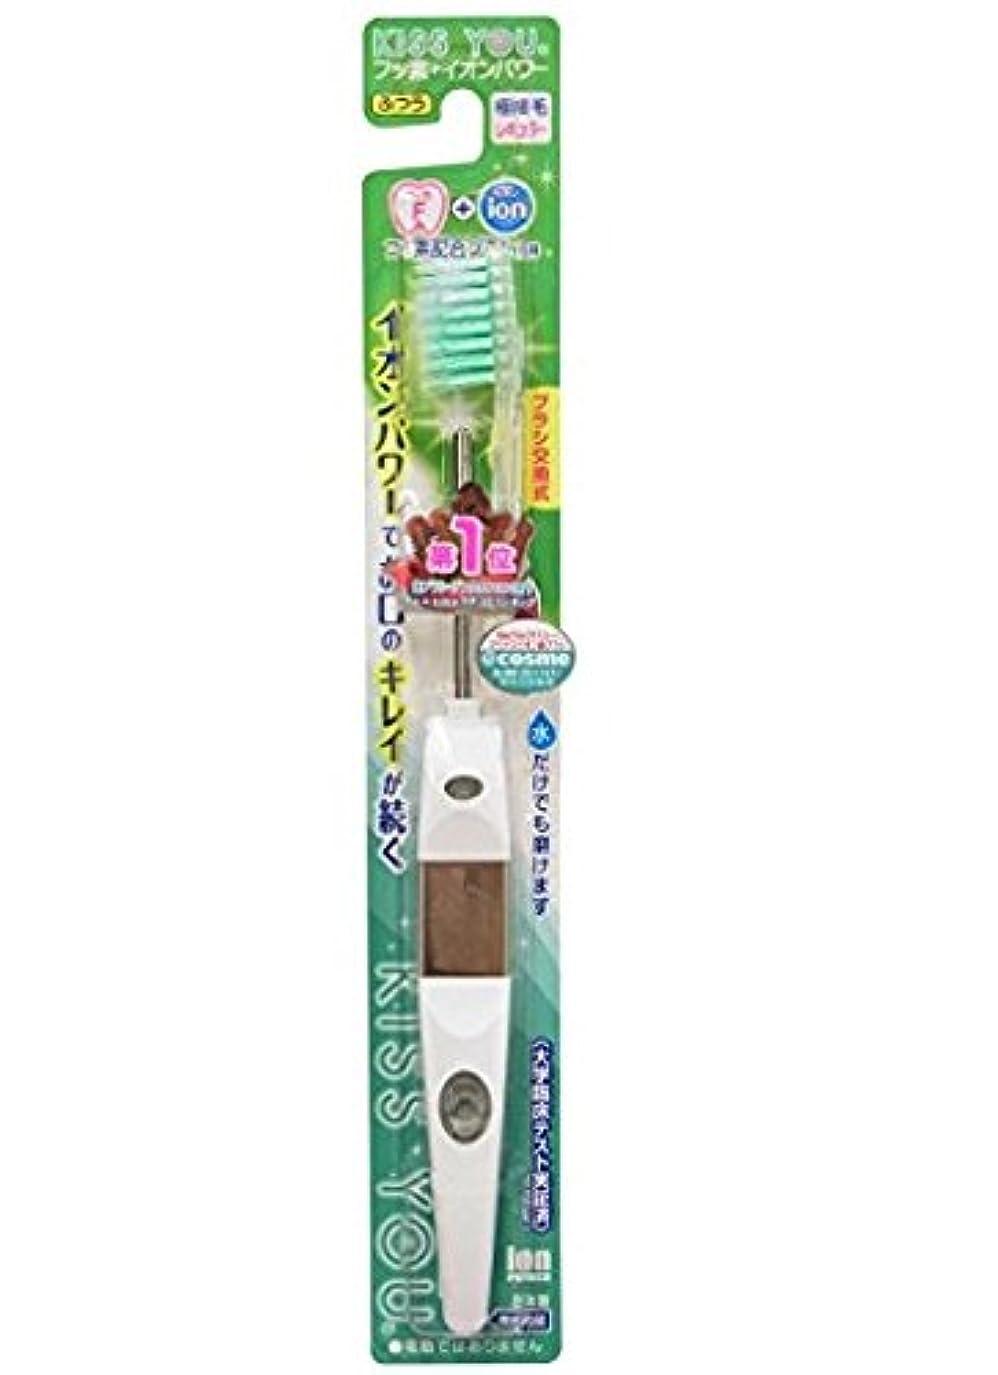 ライター天皇硫黄フッ素イオン歯ブラシ極細レギュラー本体ふつう × 5個セット